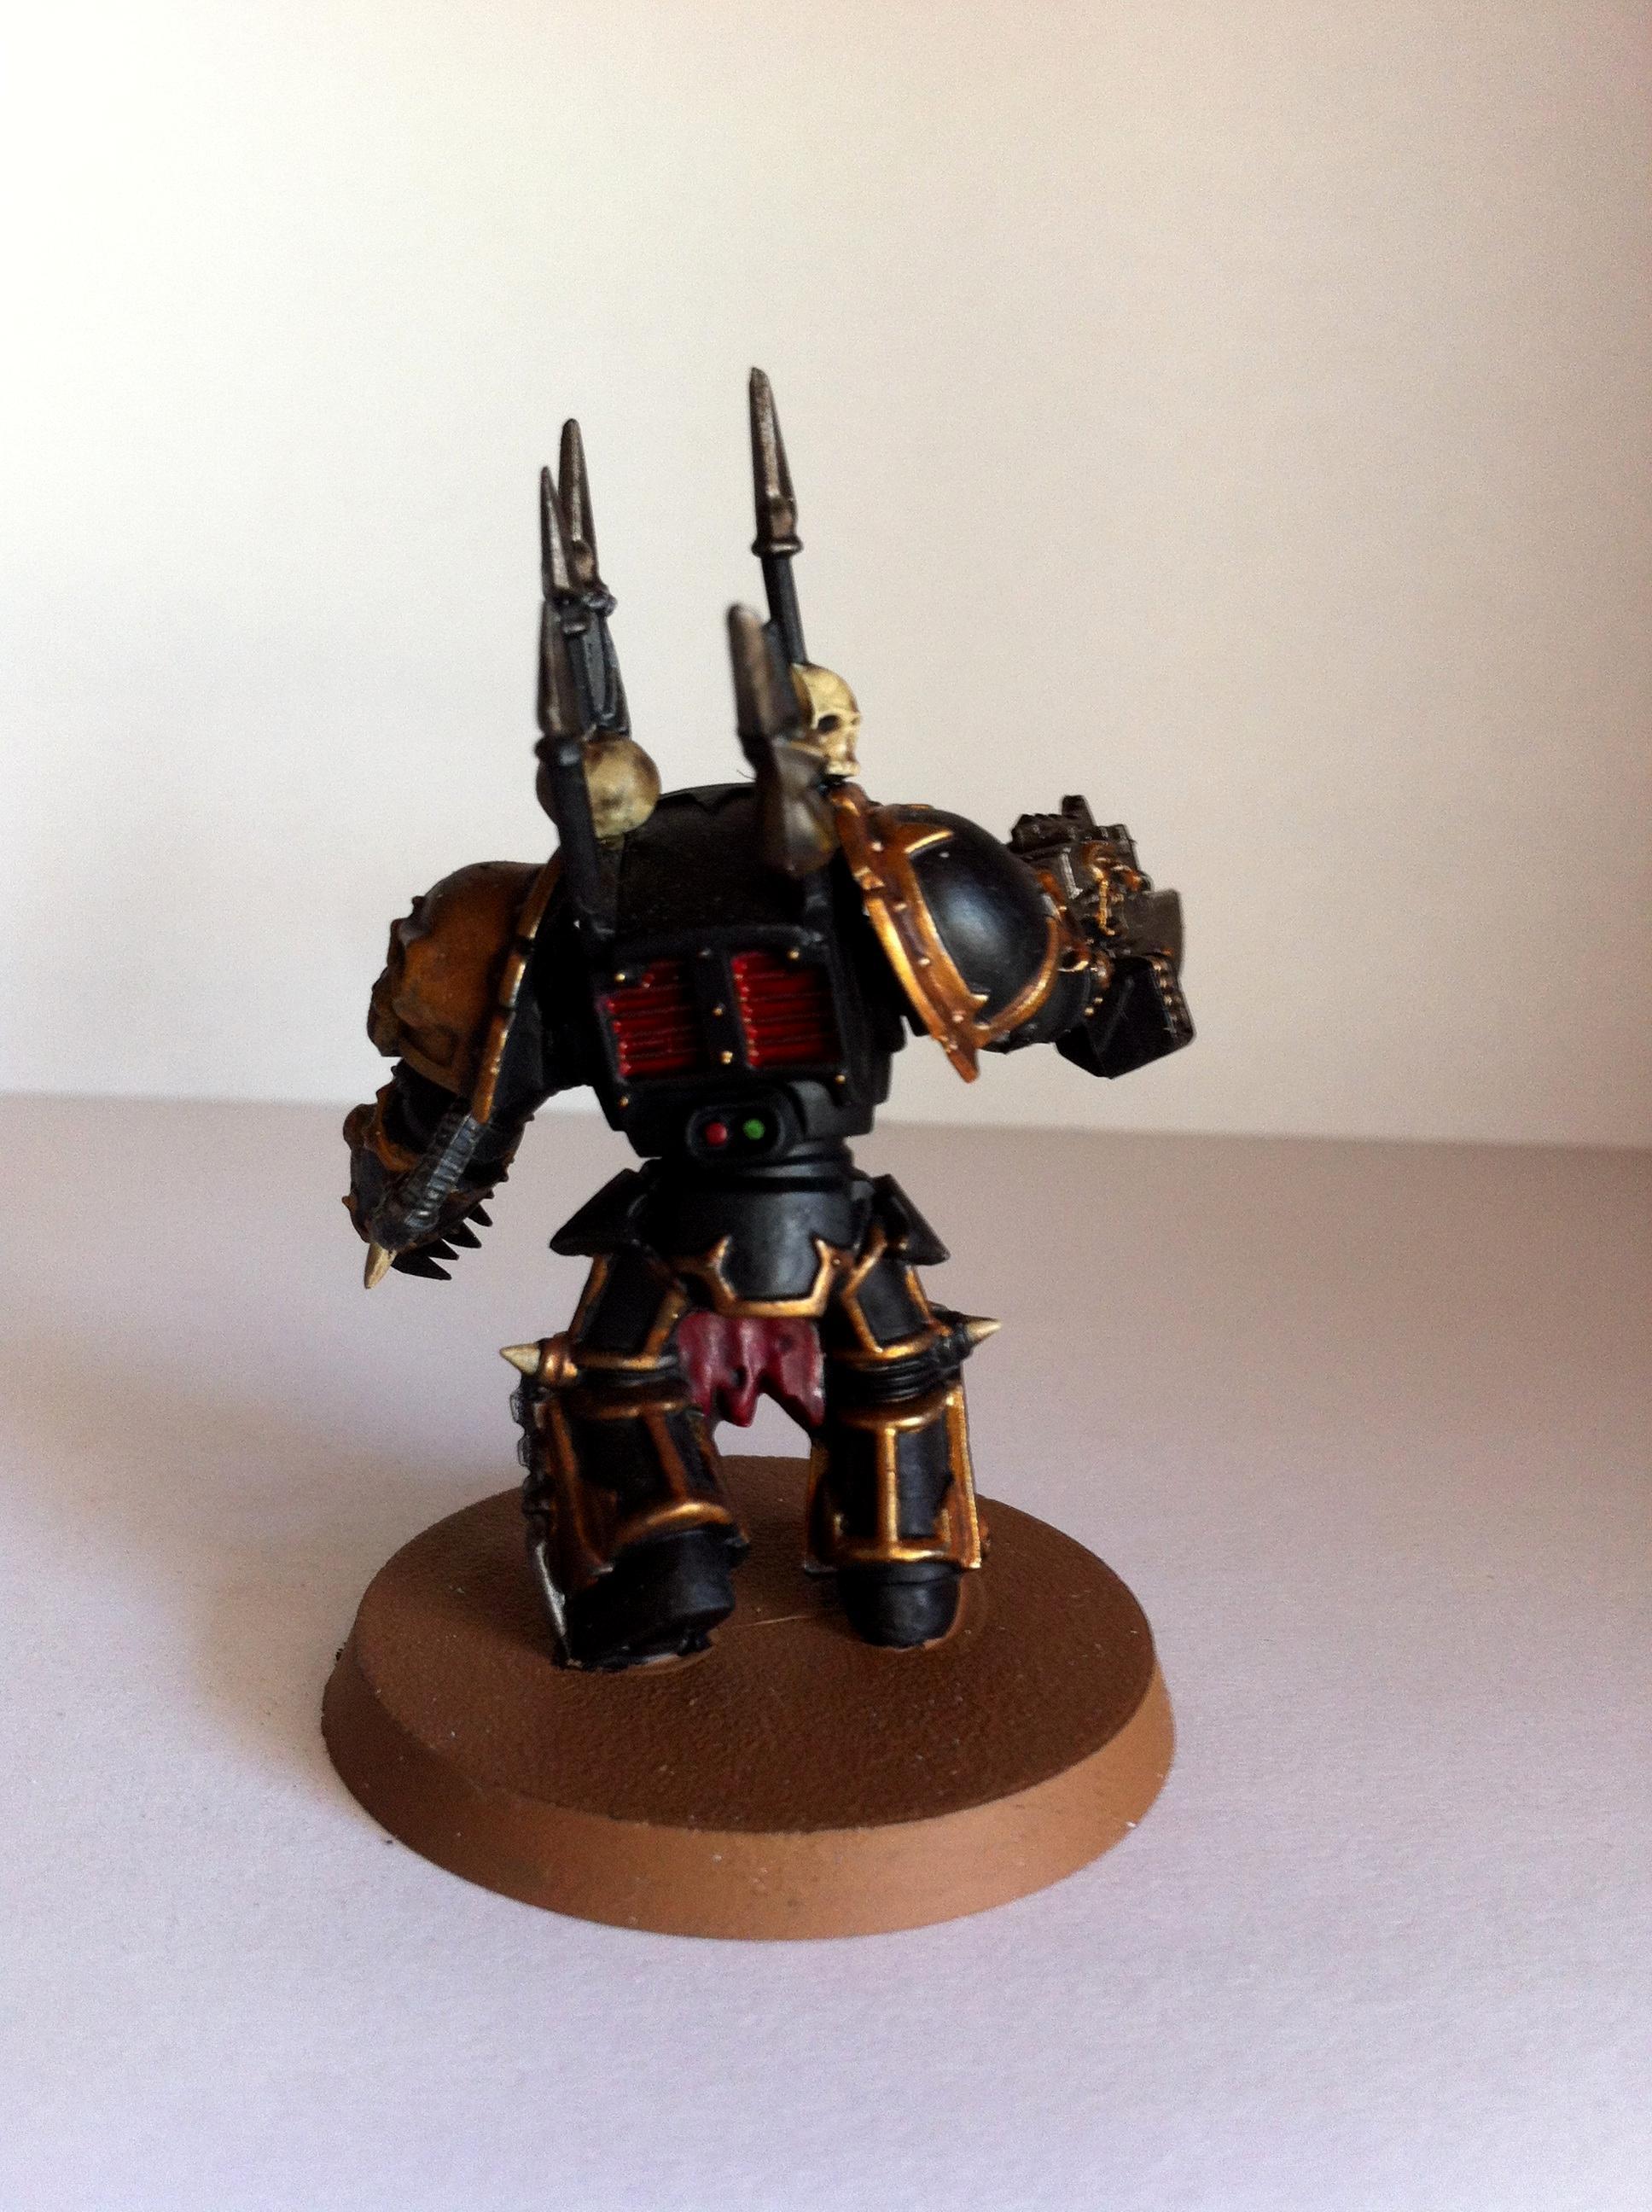 Black Legion Khorne Daemon, Bolter, Chaos, Space Marines